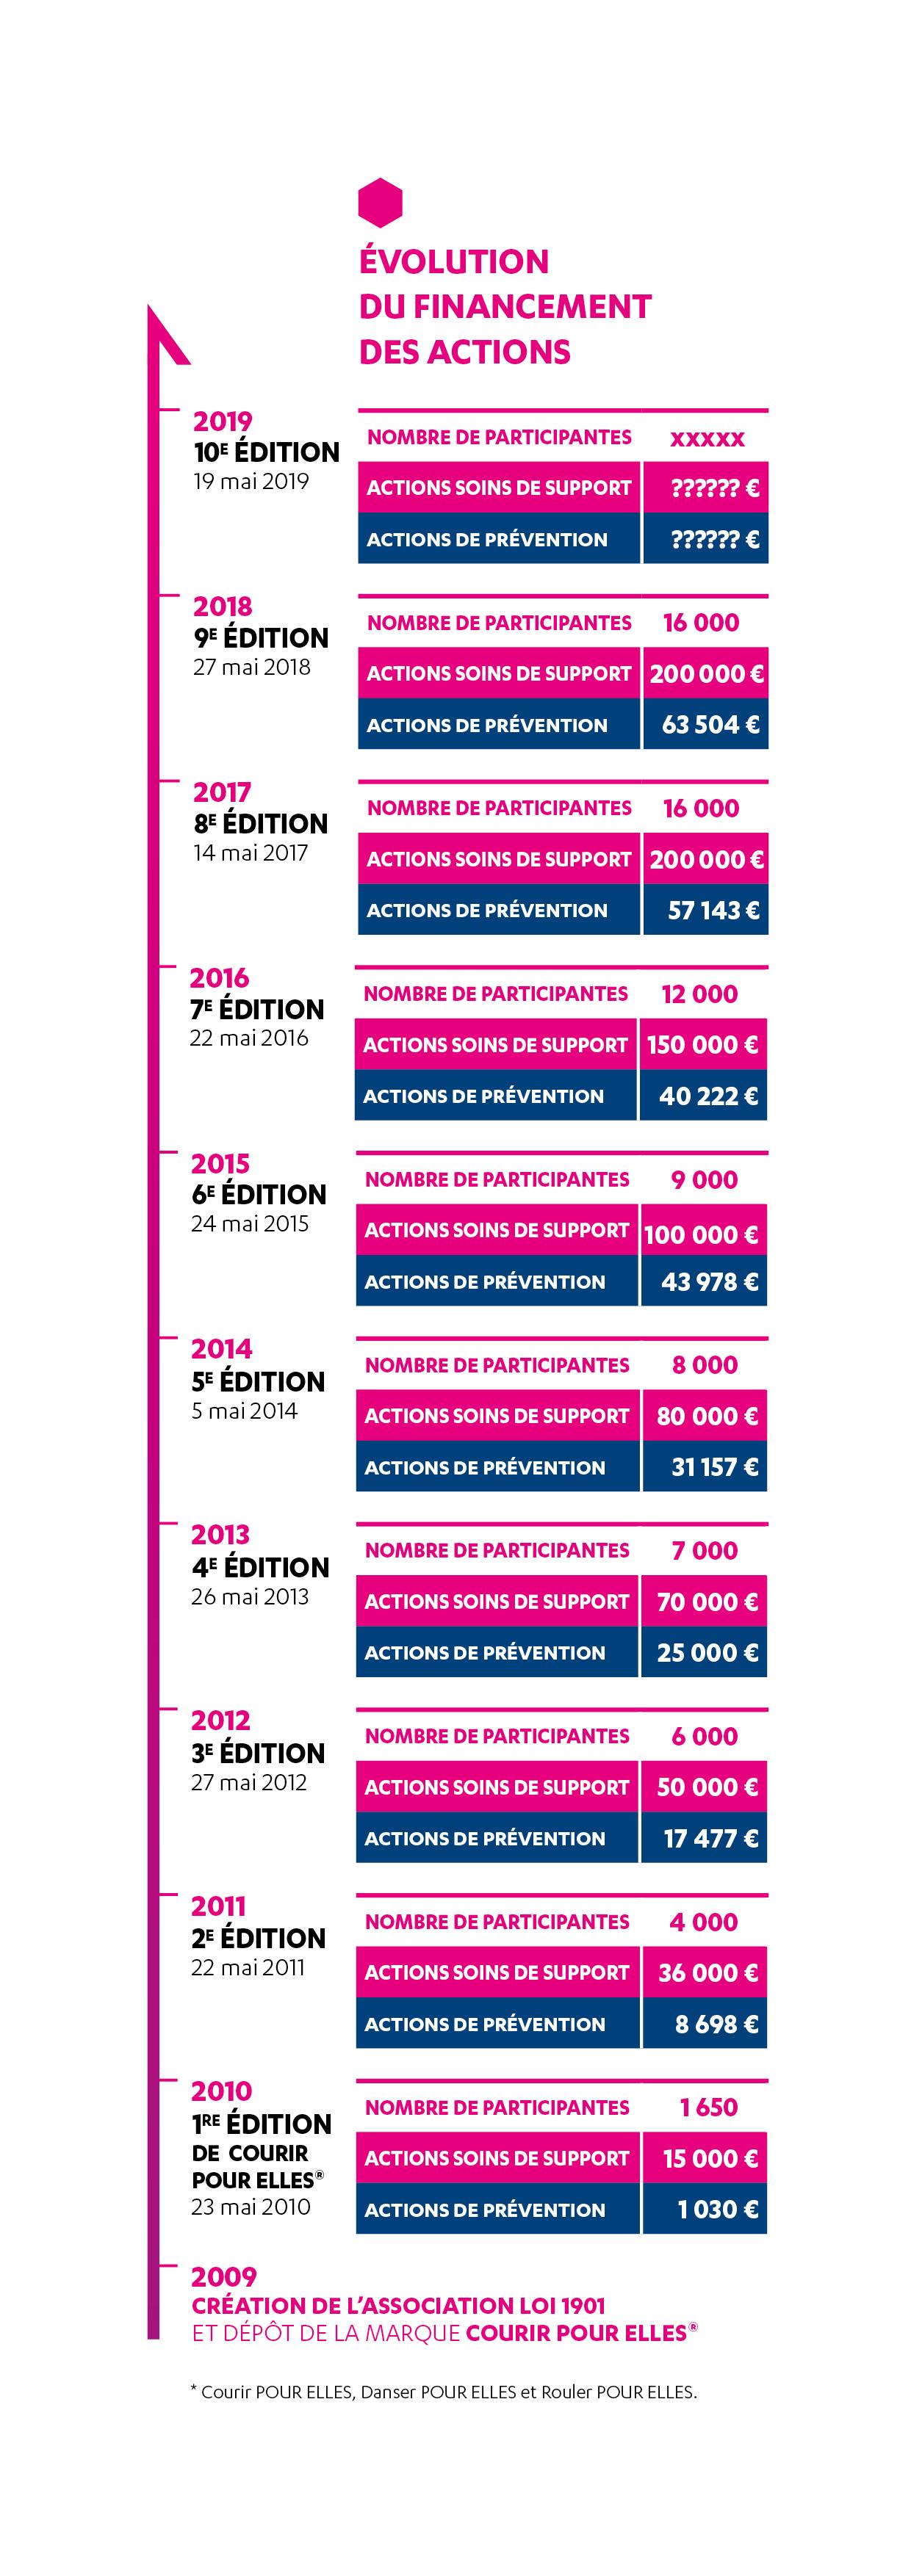 Evolution participantes Courir Pour Elles depuis lancement association